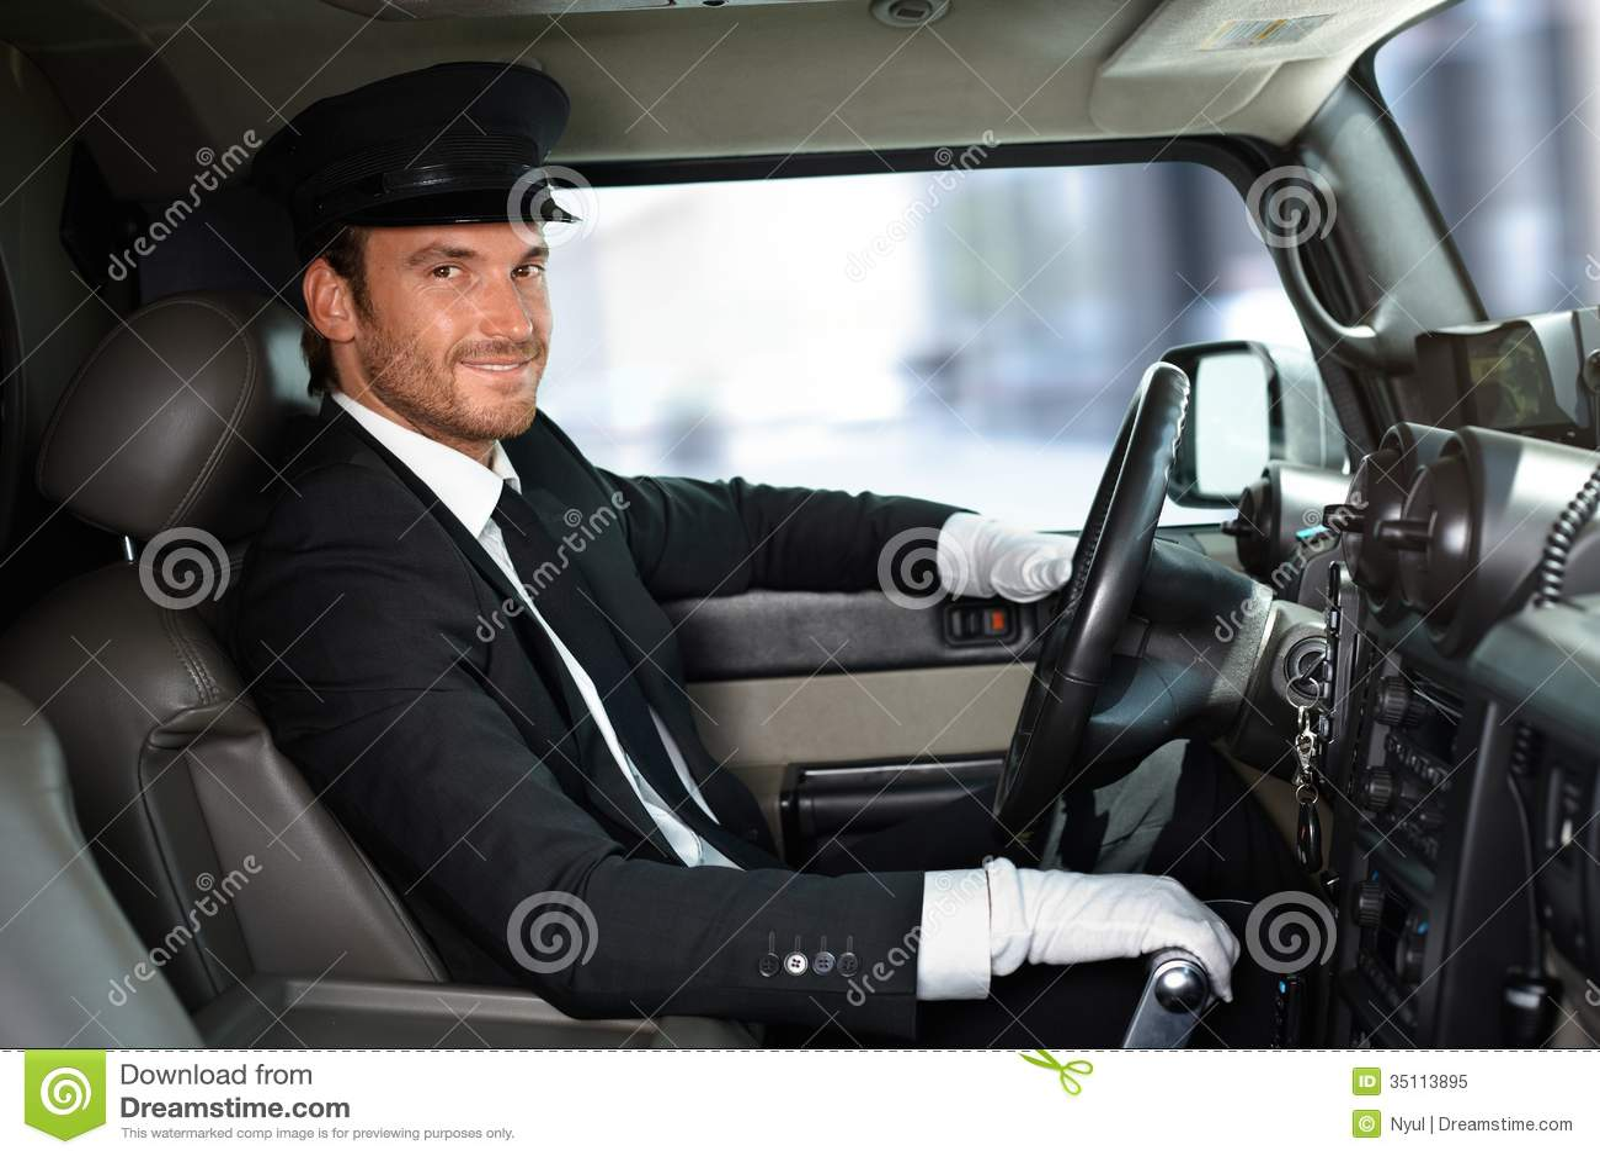 Car driver sex porn